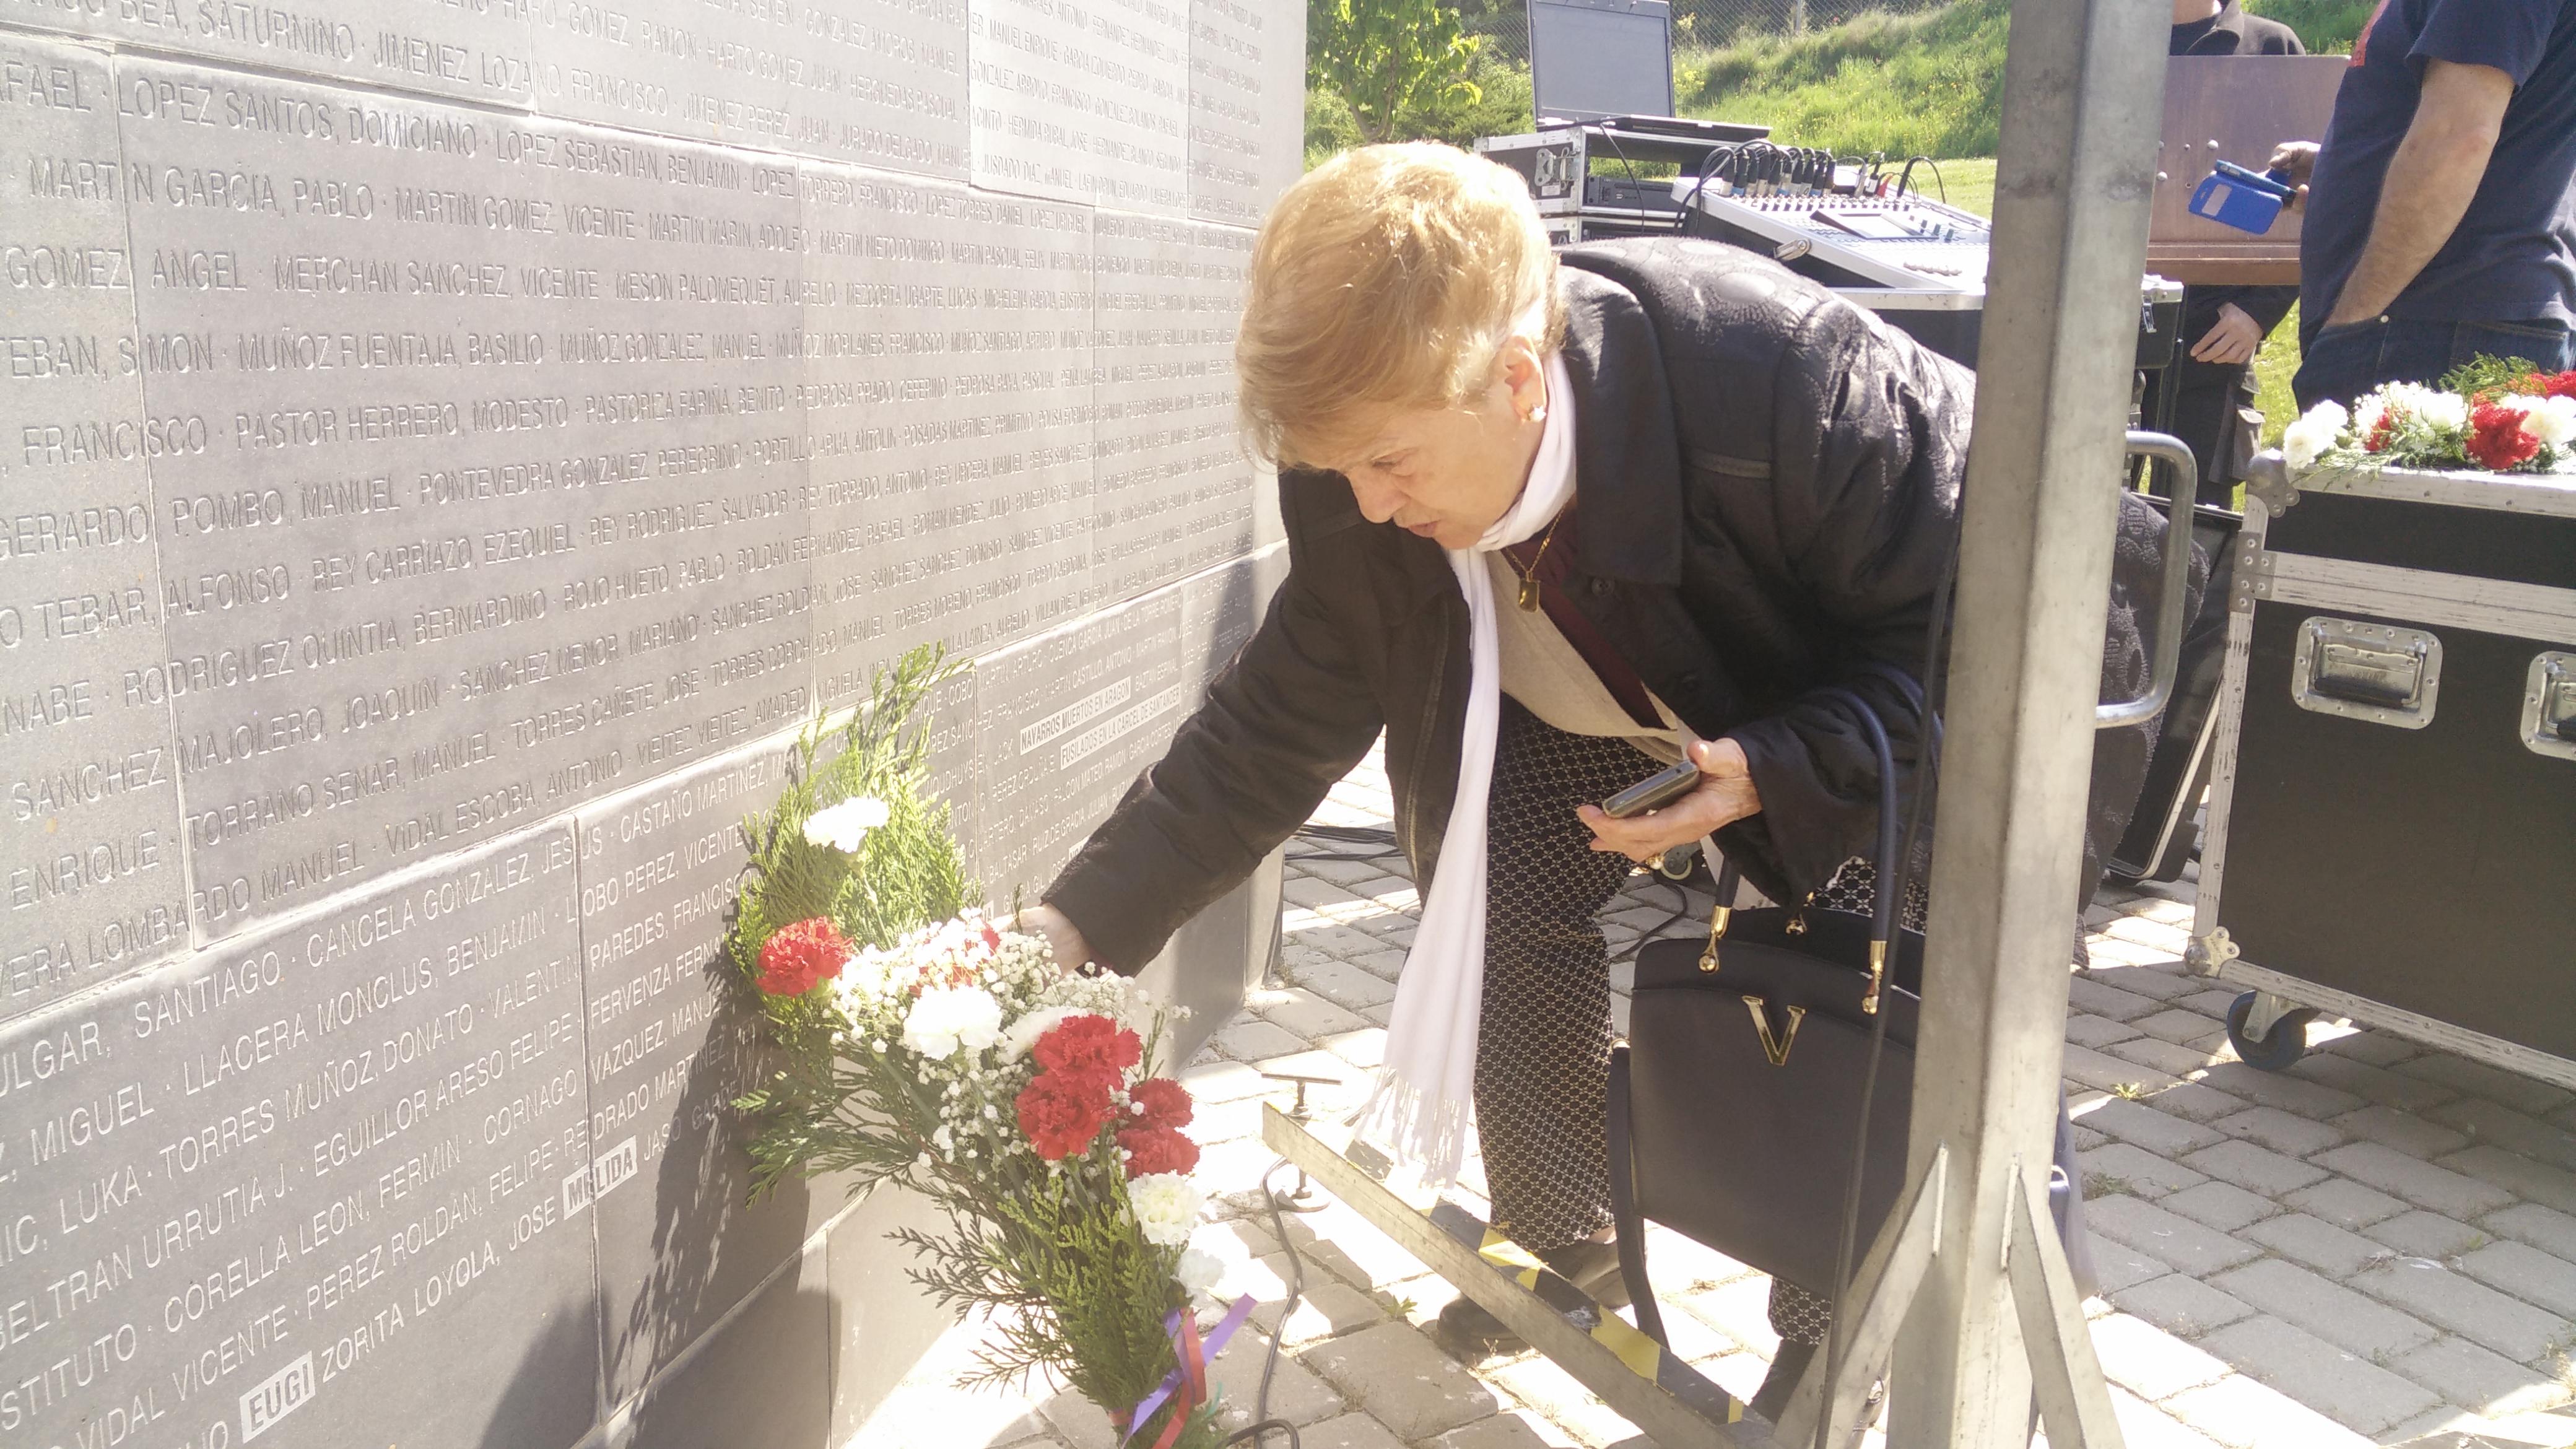 Áurea Jaso. Unas flores en el muro con los nombres de su padre y sus tíos.